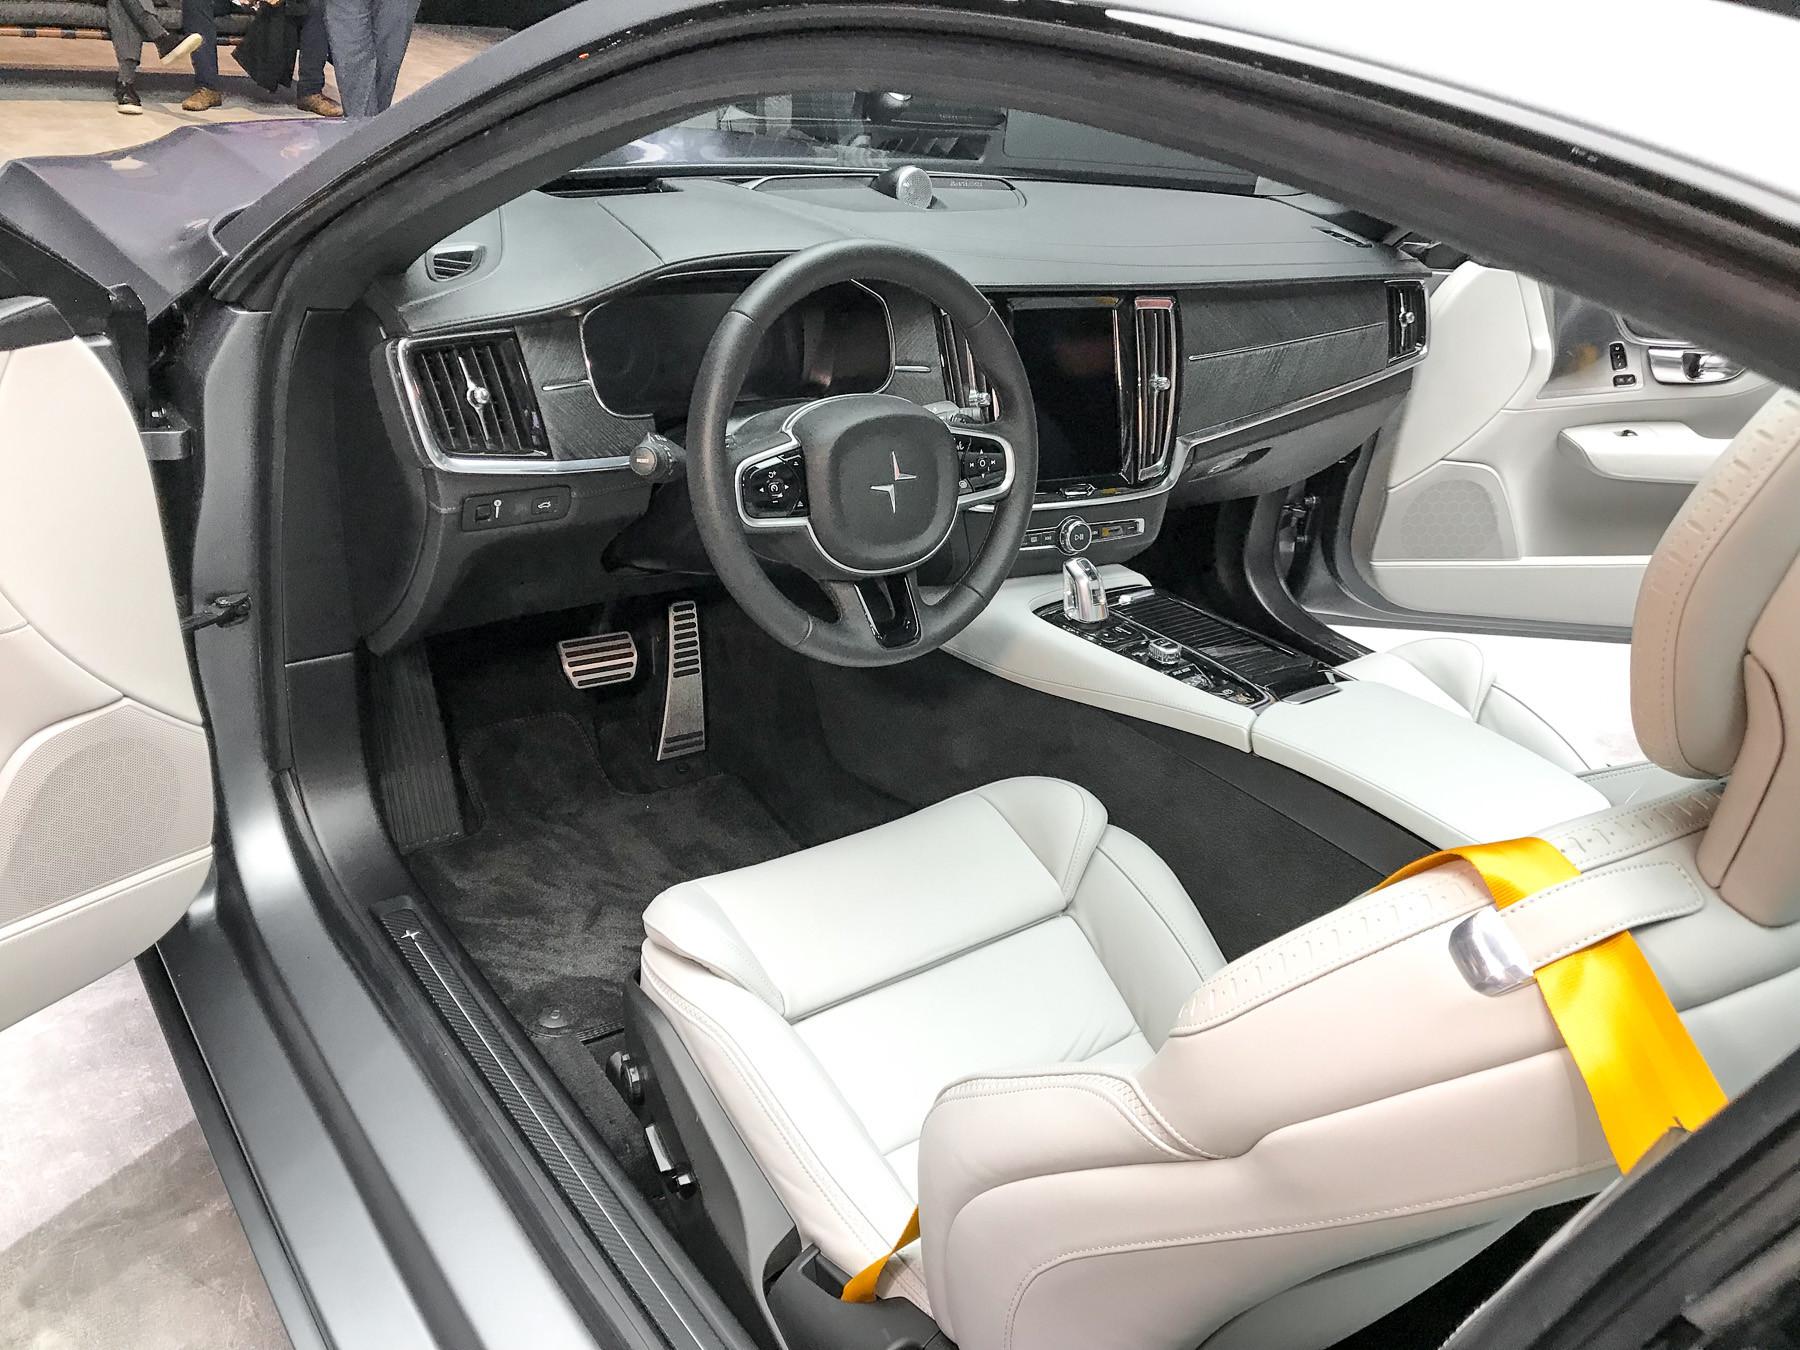 Европейцам презентовали новый автомобильный бренд 3